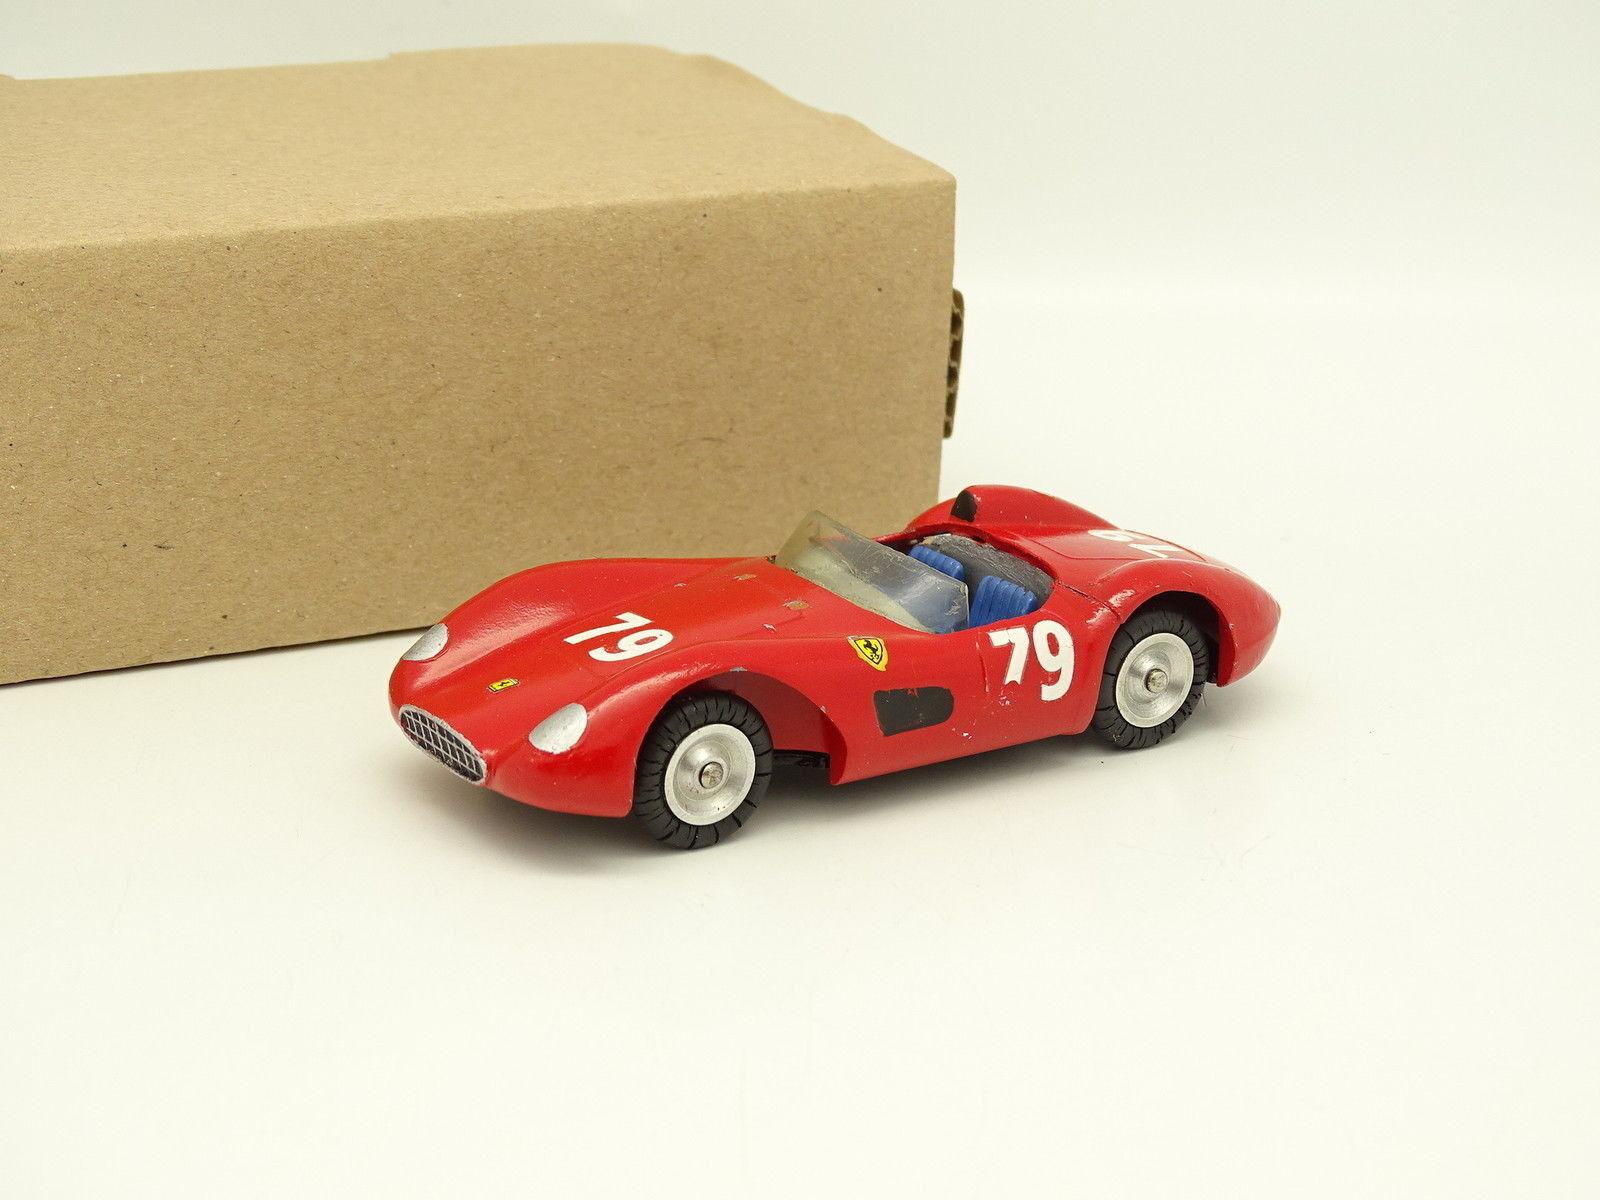 Solido + Transkit SB 1 43 - Ferrari 500 TRC Nr.79